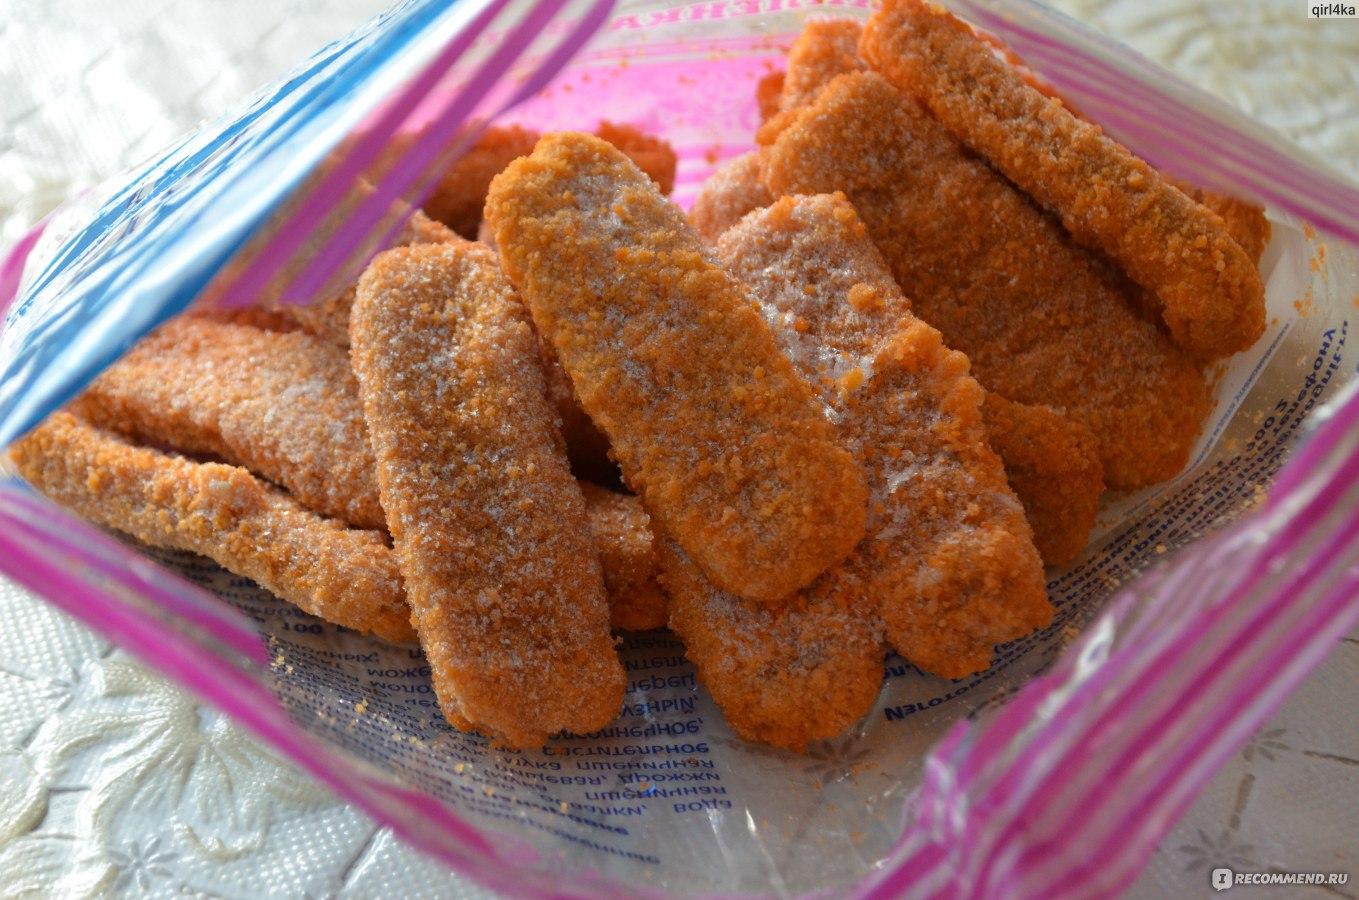 Куриные палочки в панировке как готовить с